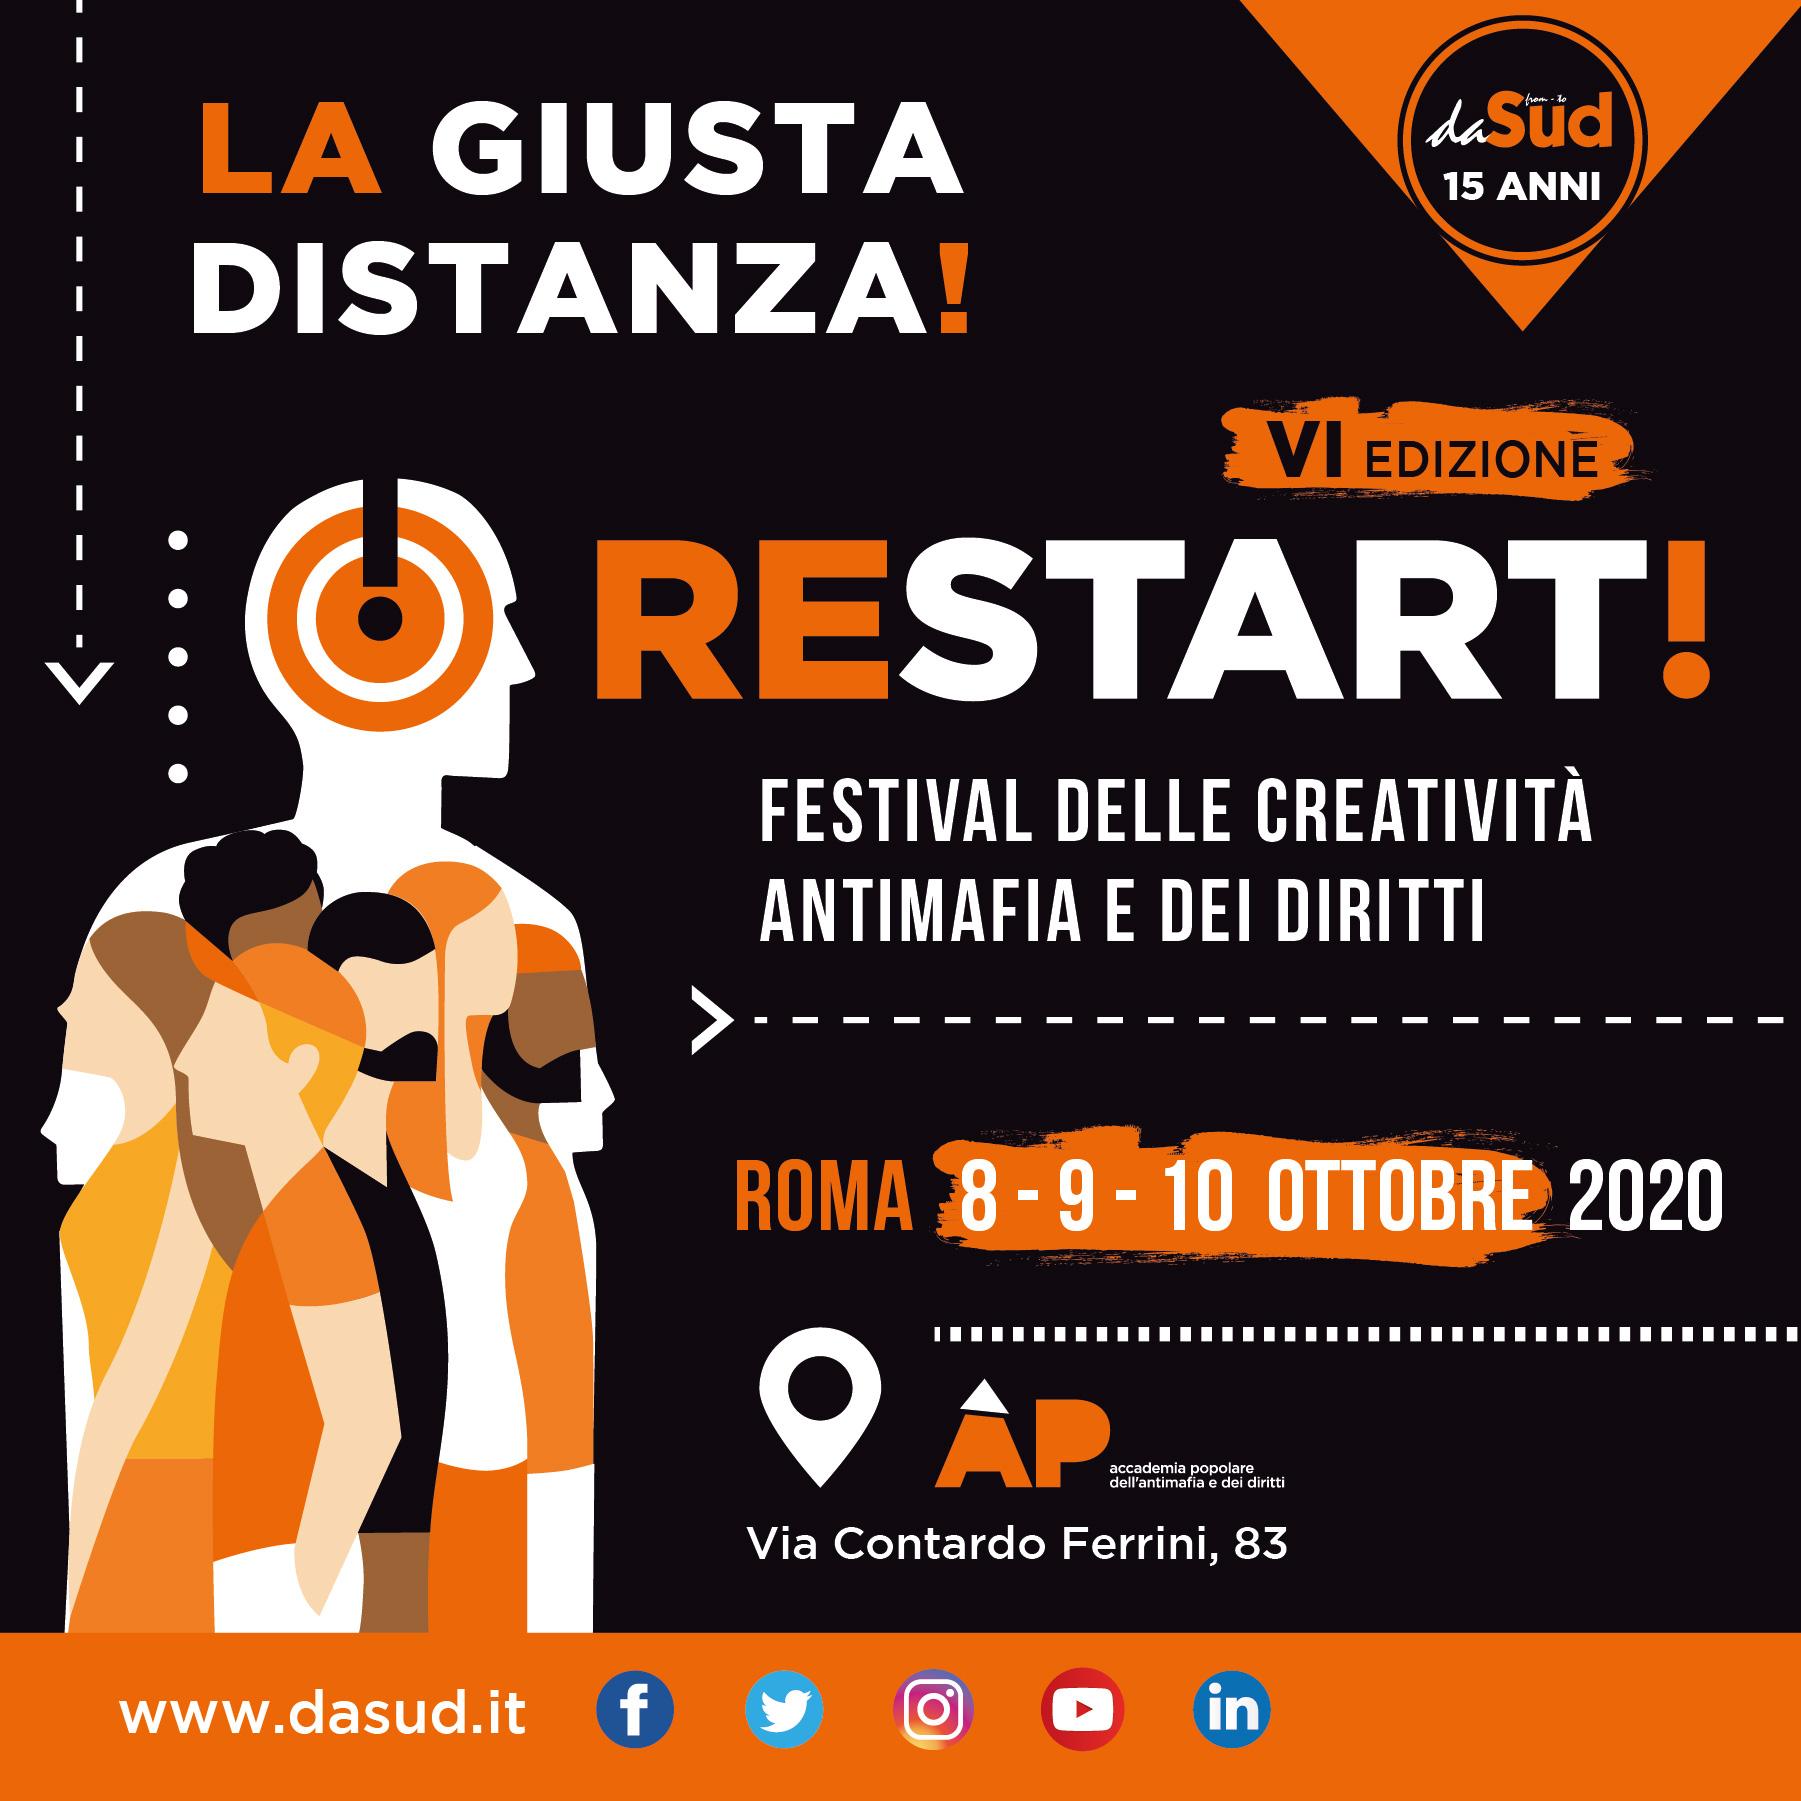 RESTART 2020-DASUD